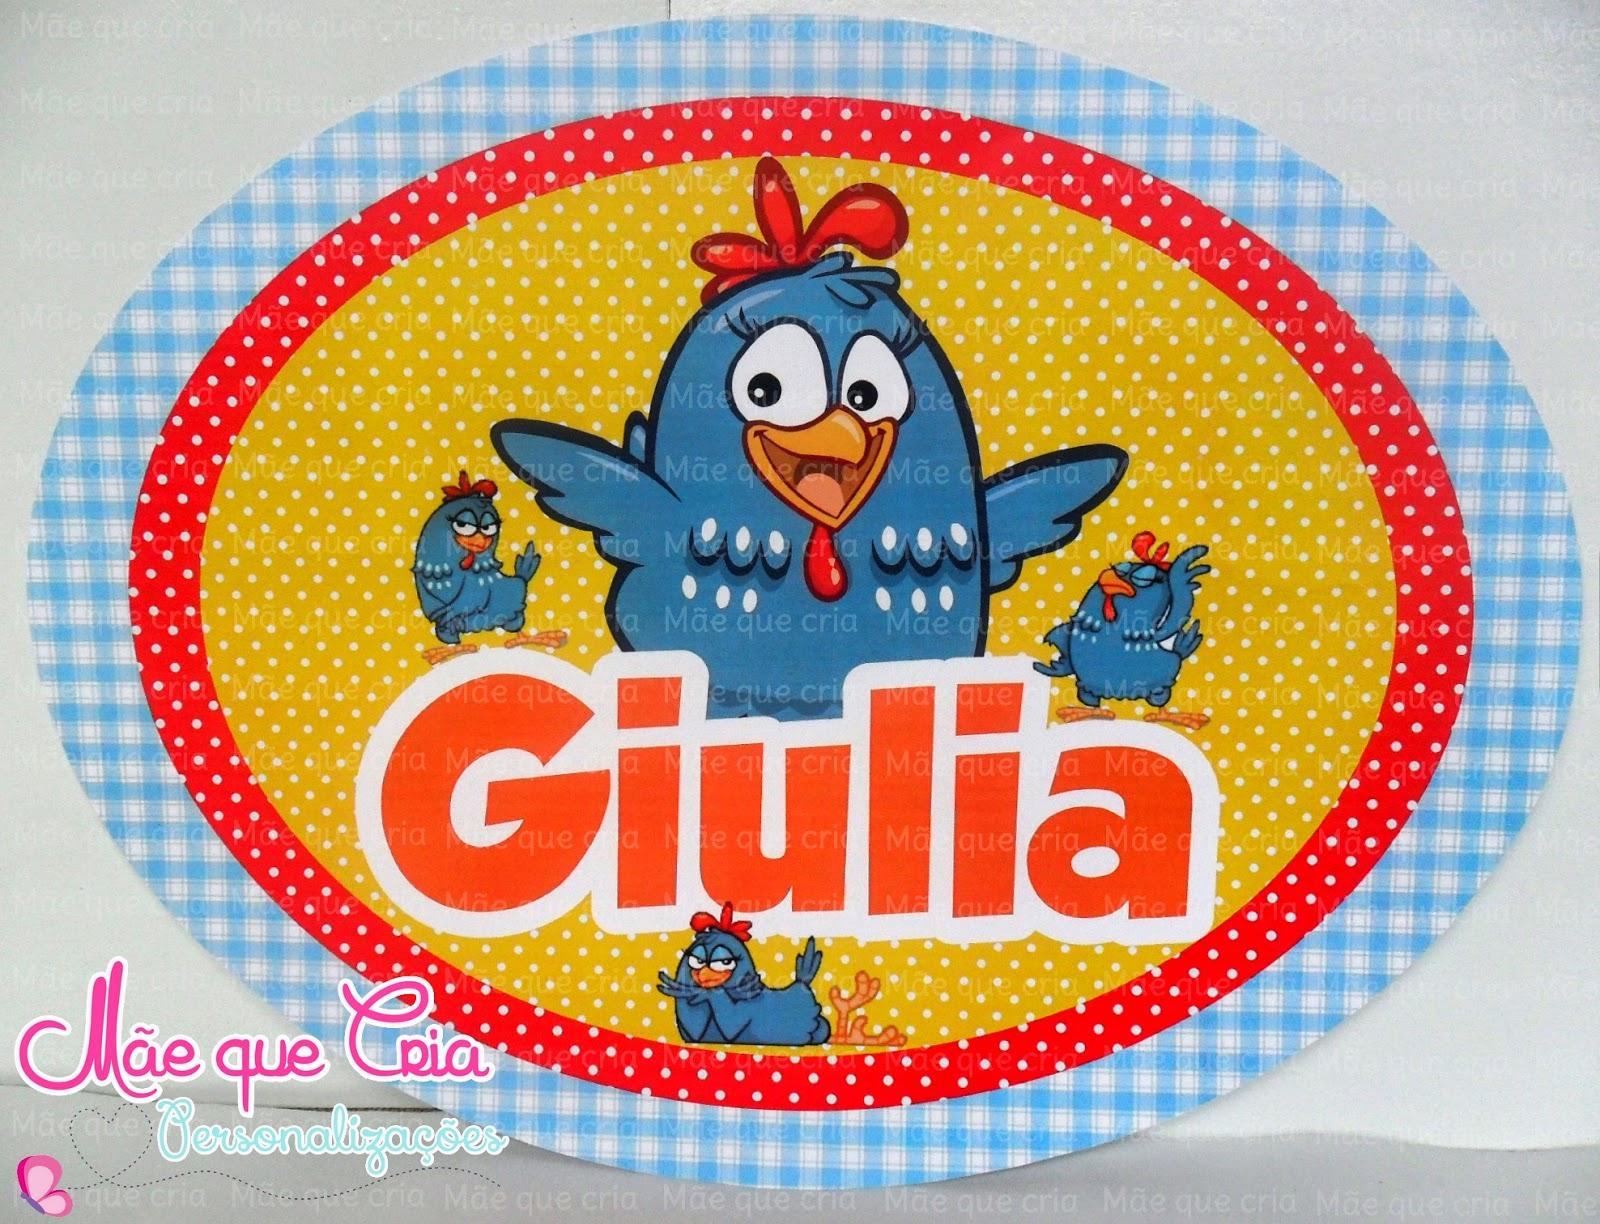 placa-elipse-galinha-pintadinha